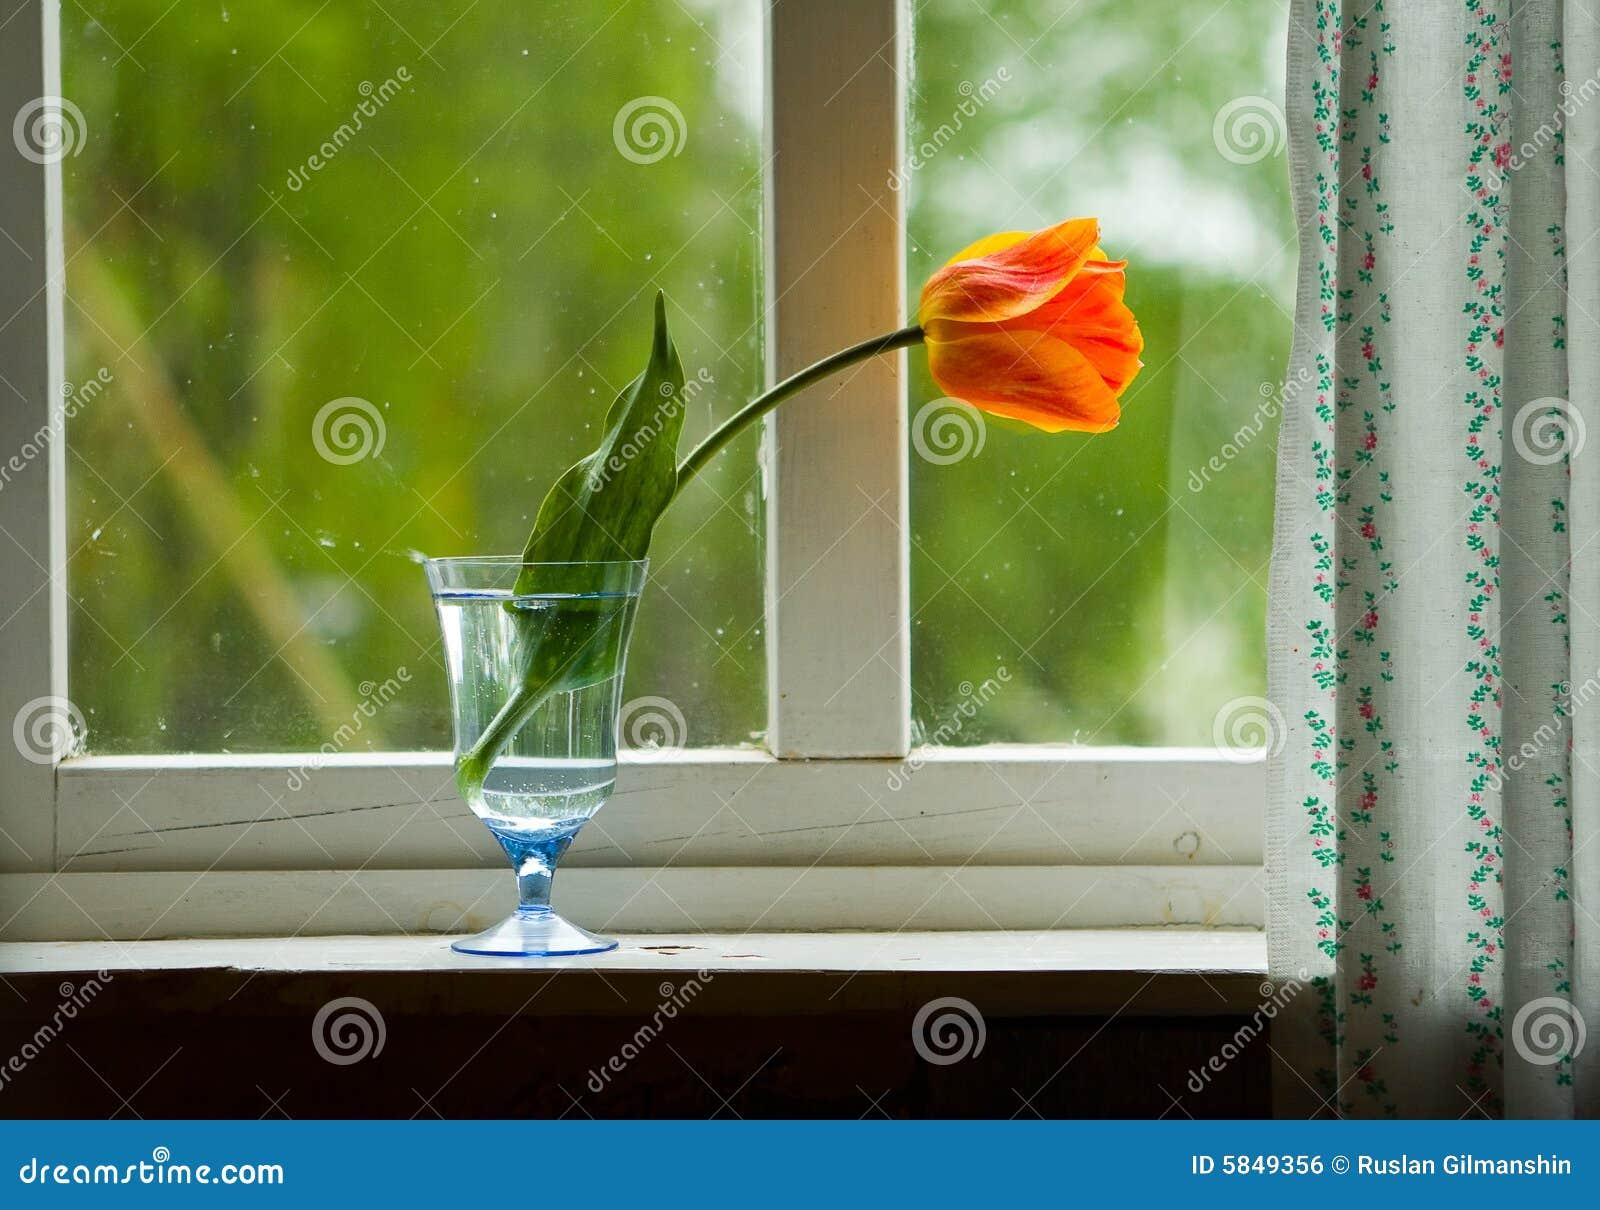 Tulipano sul davanzale della finestra fotografia stock immagine 5849356 - Davanzale finestra interno ...